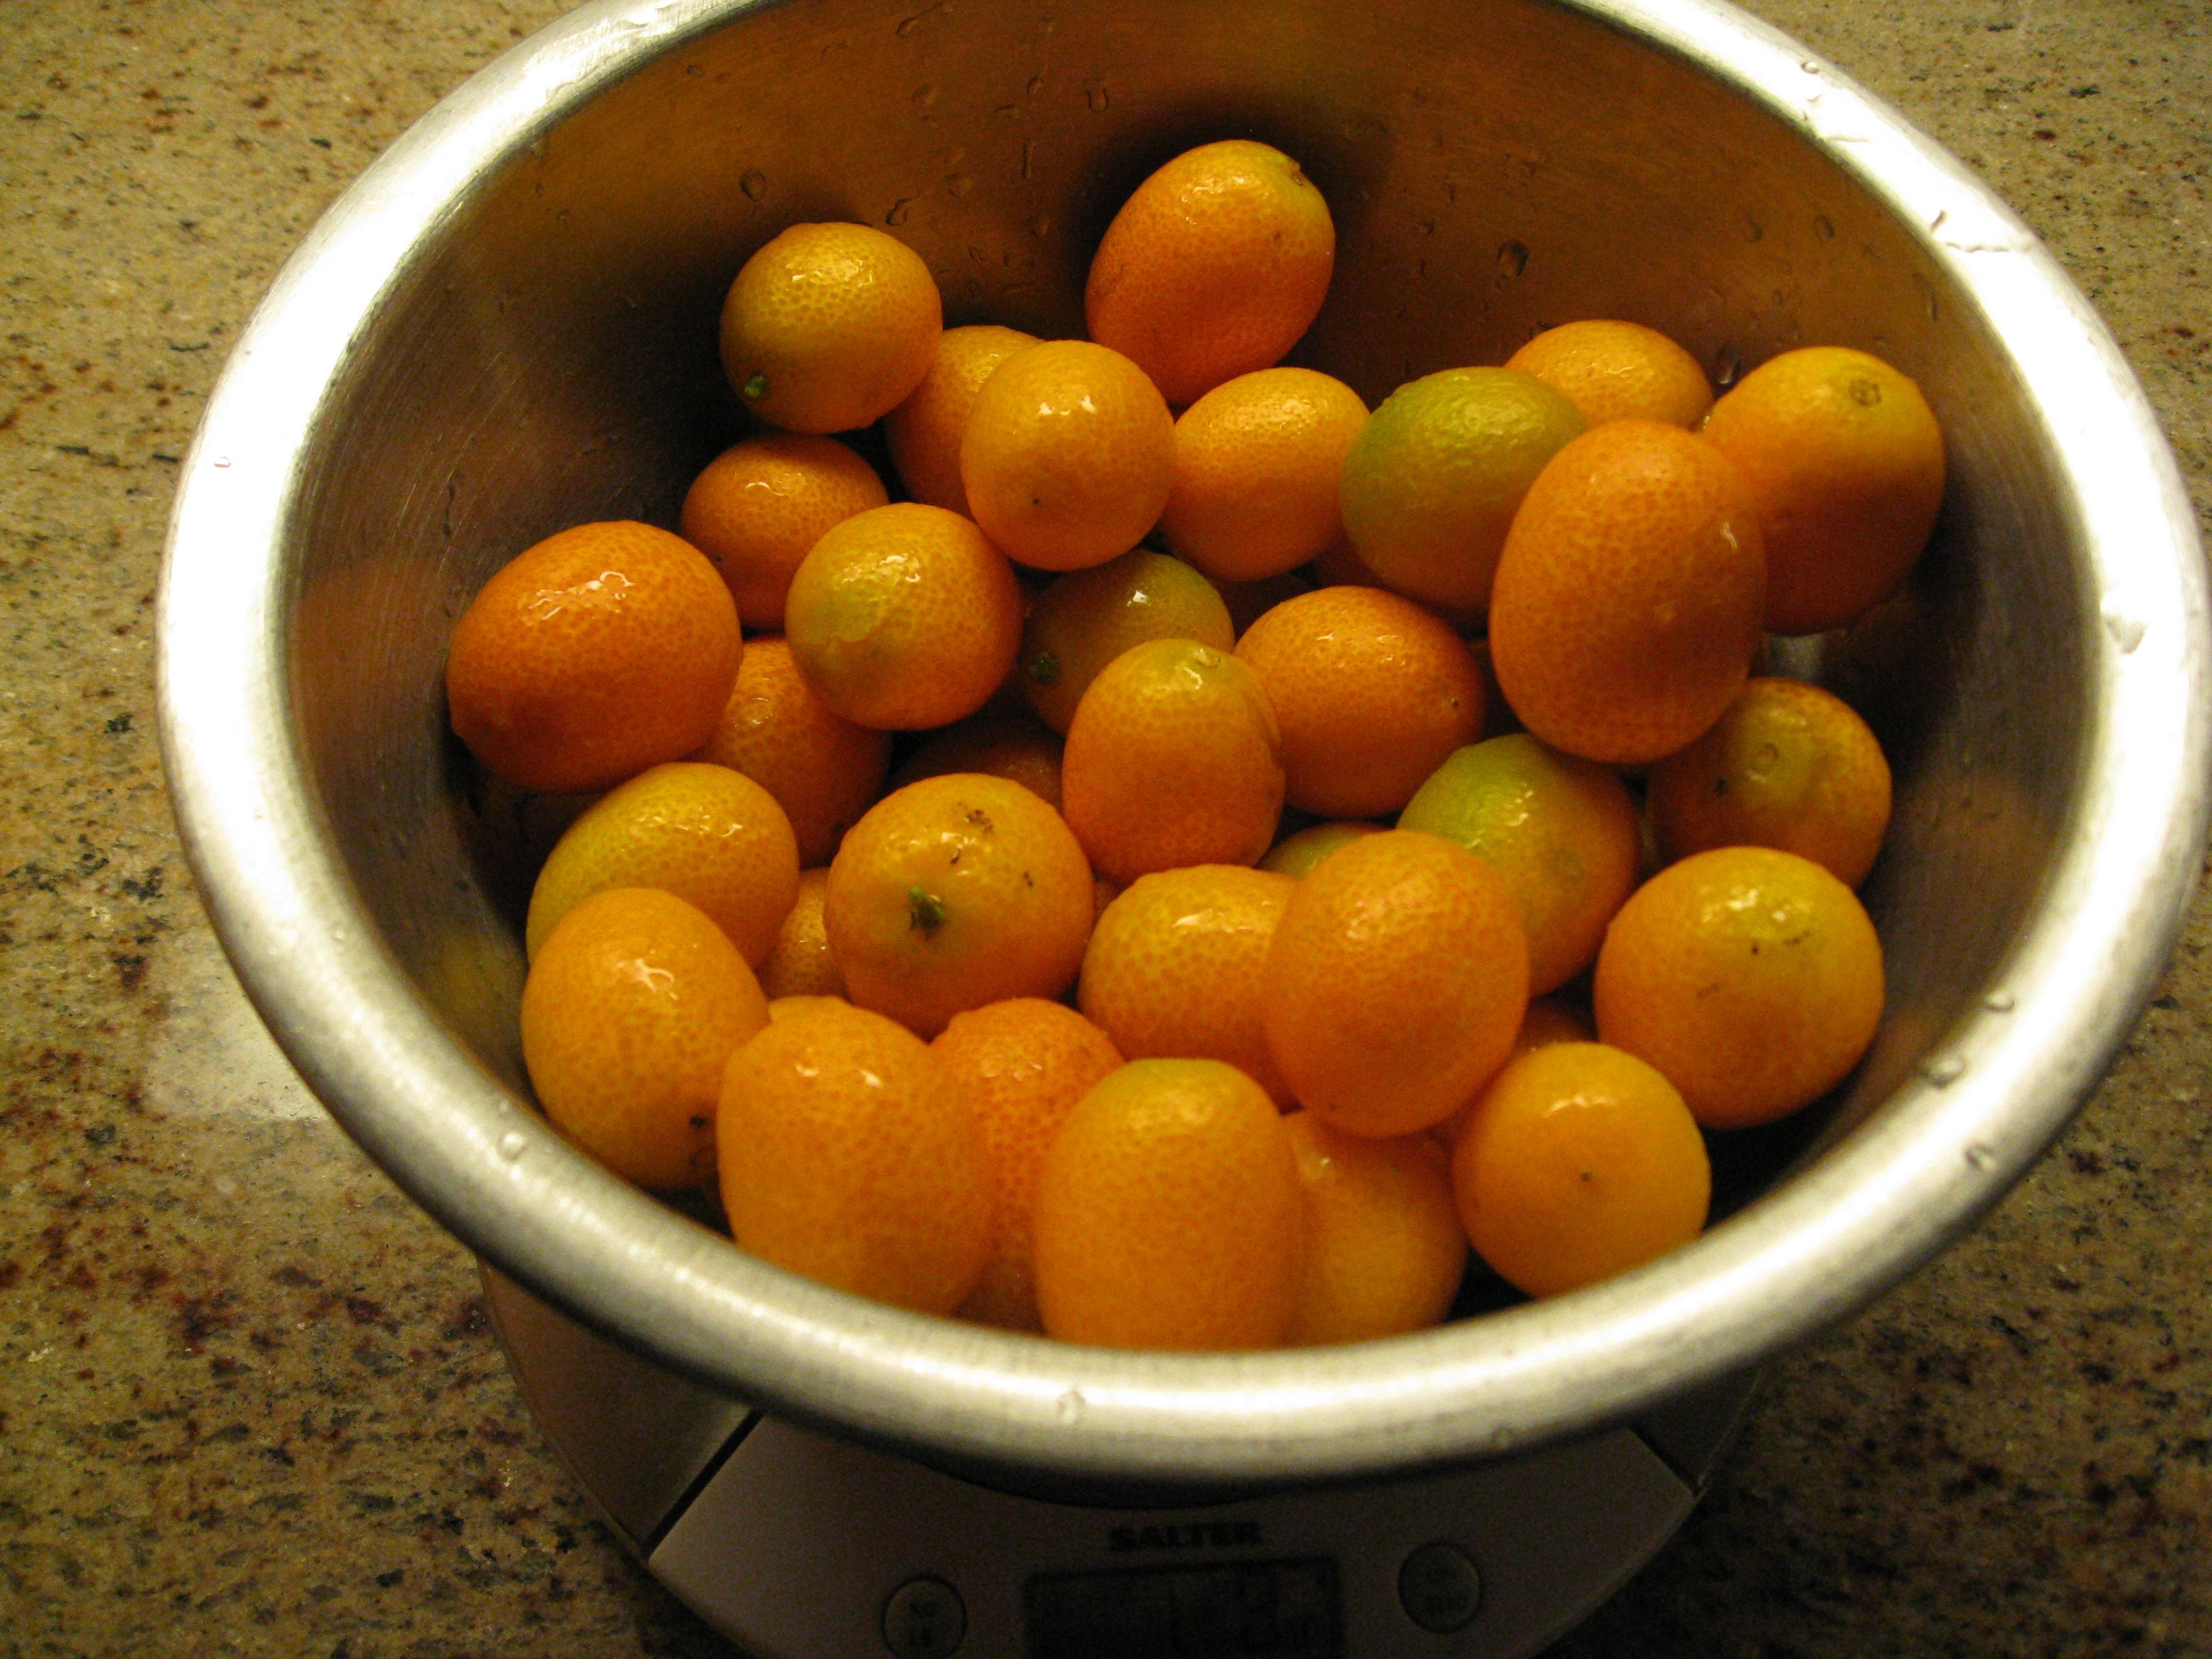 Kumquats have a sweet skin but sour/bitter flesh